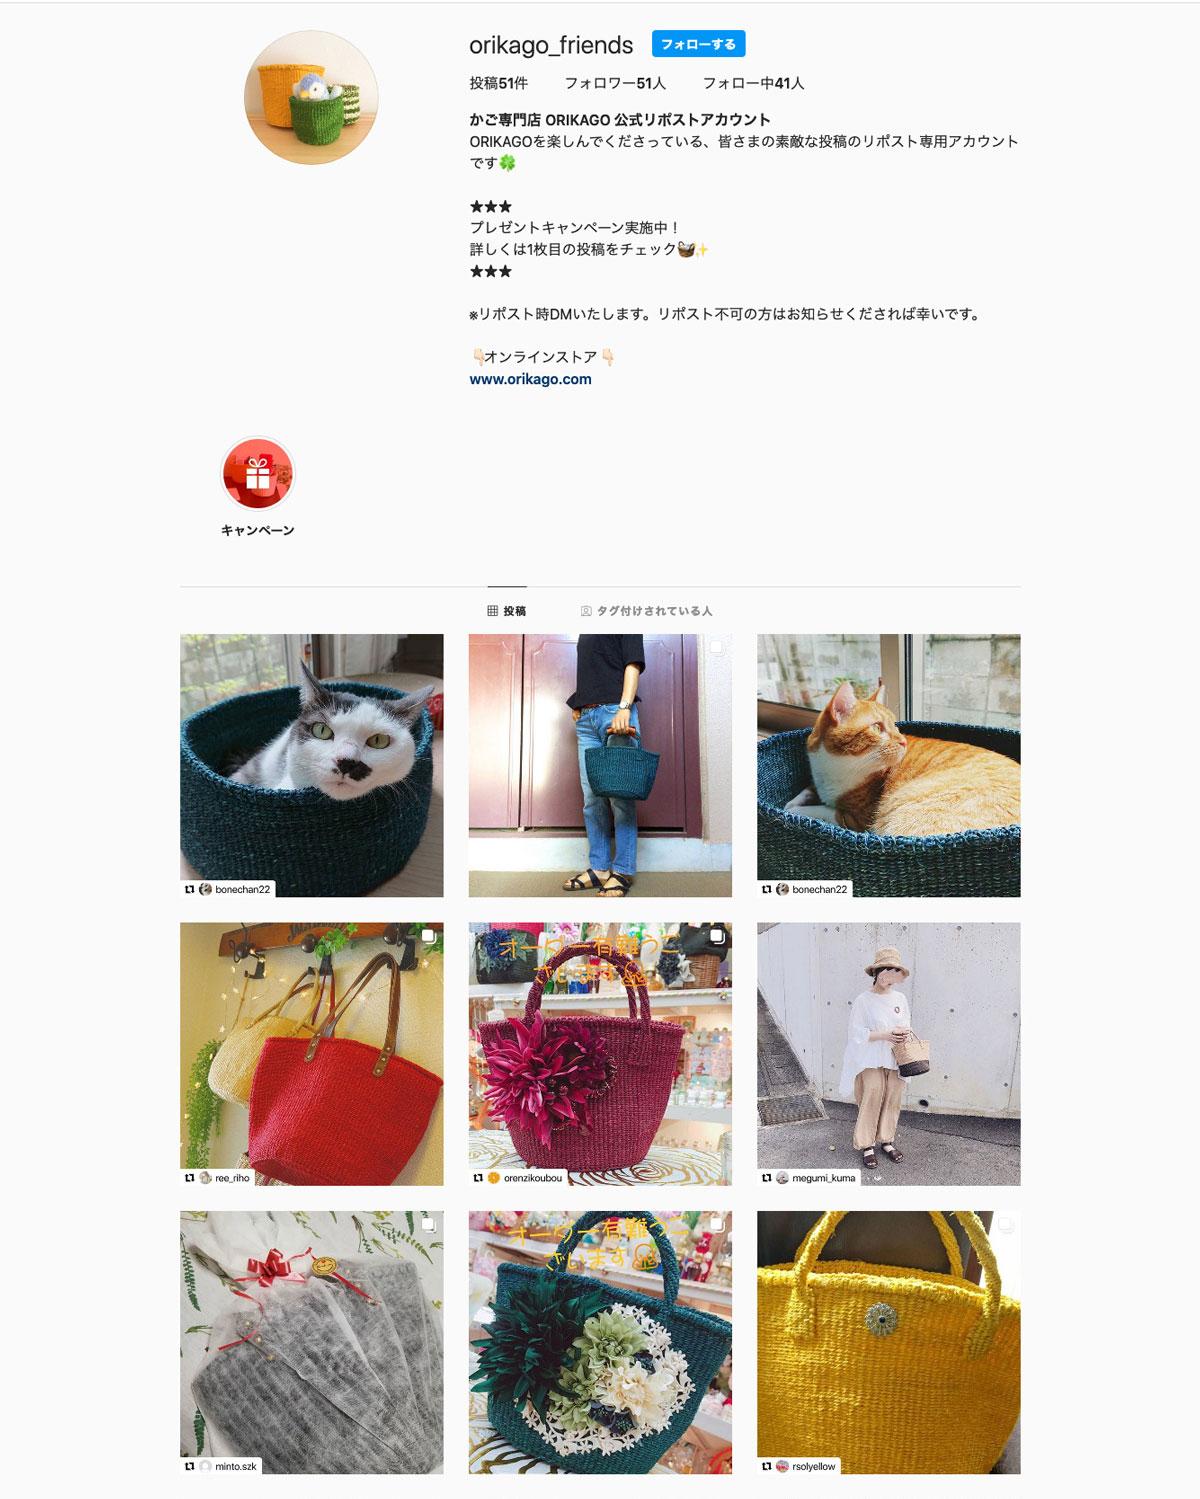 Instagram リポストアカウント